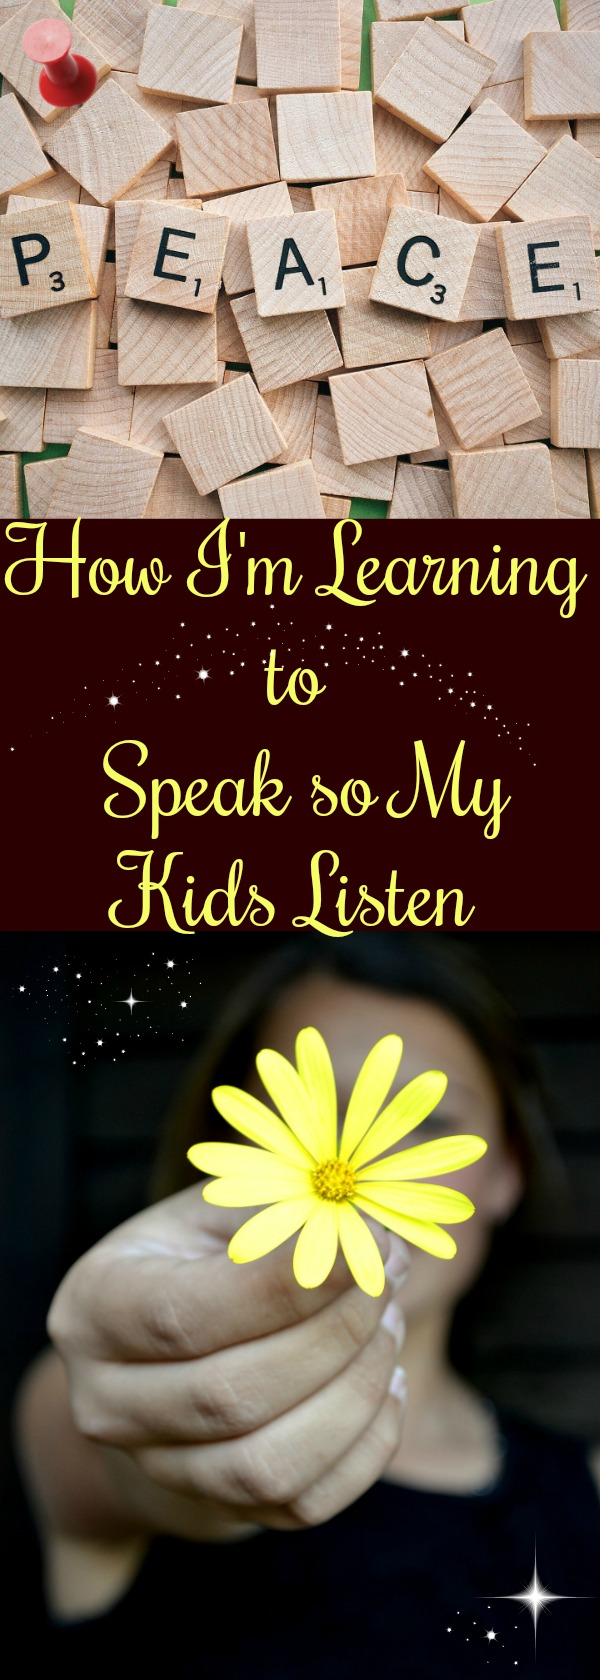 Getting your children to listen